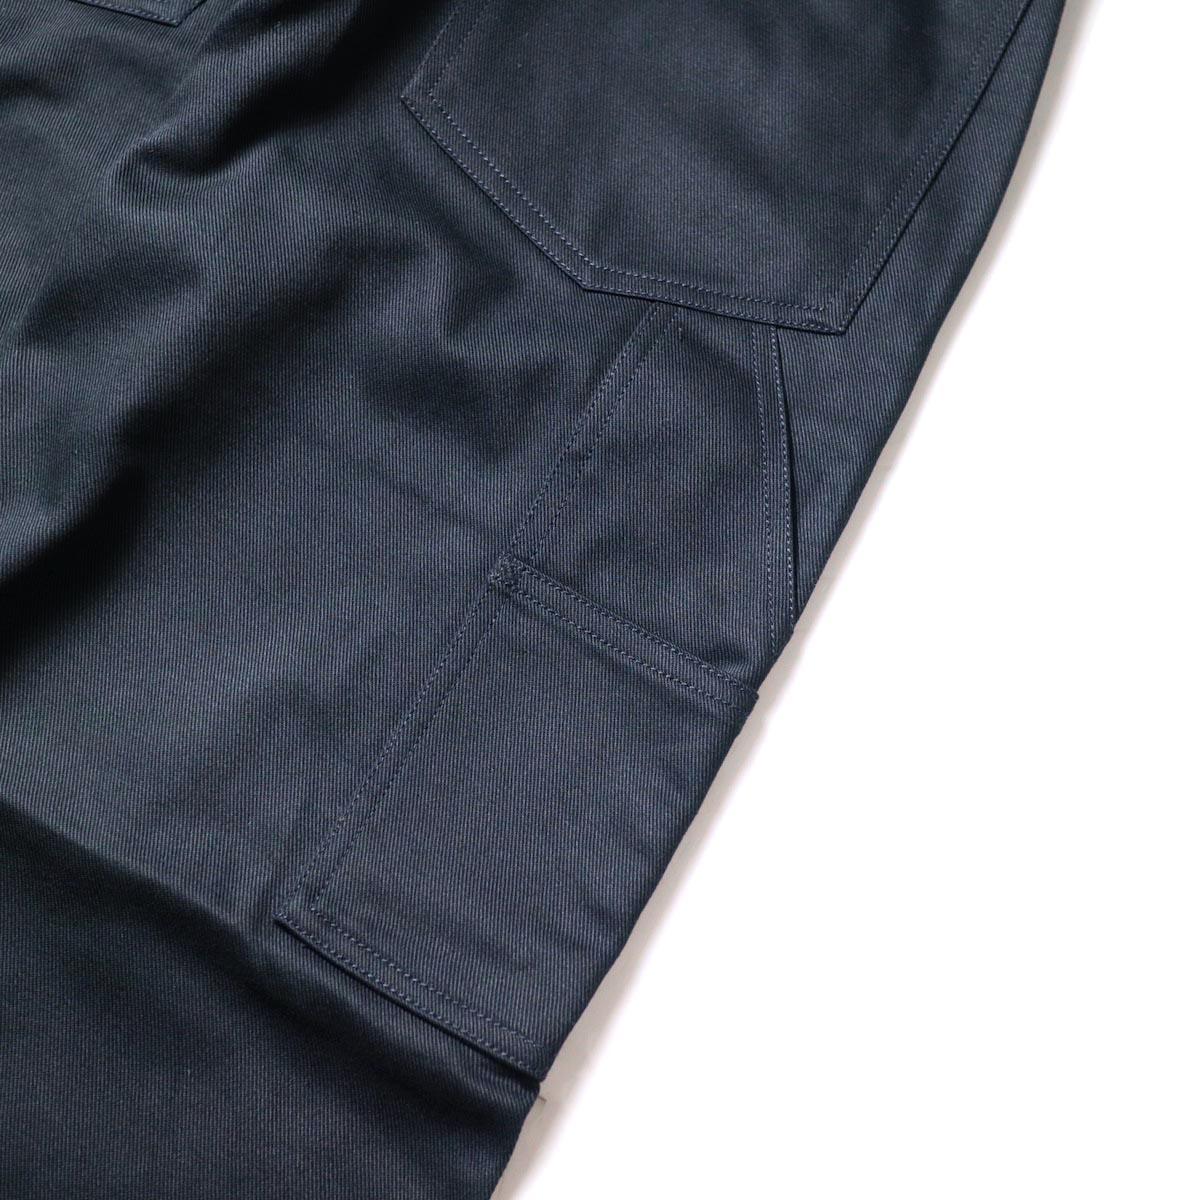 FUTURE PRIMITIVE / FP FZ PAINTER PANTS (Navy)ツールポケット